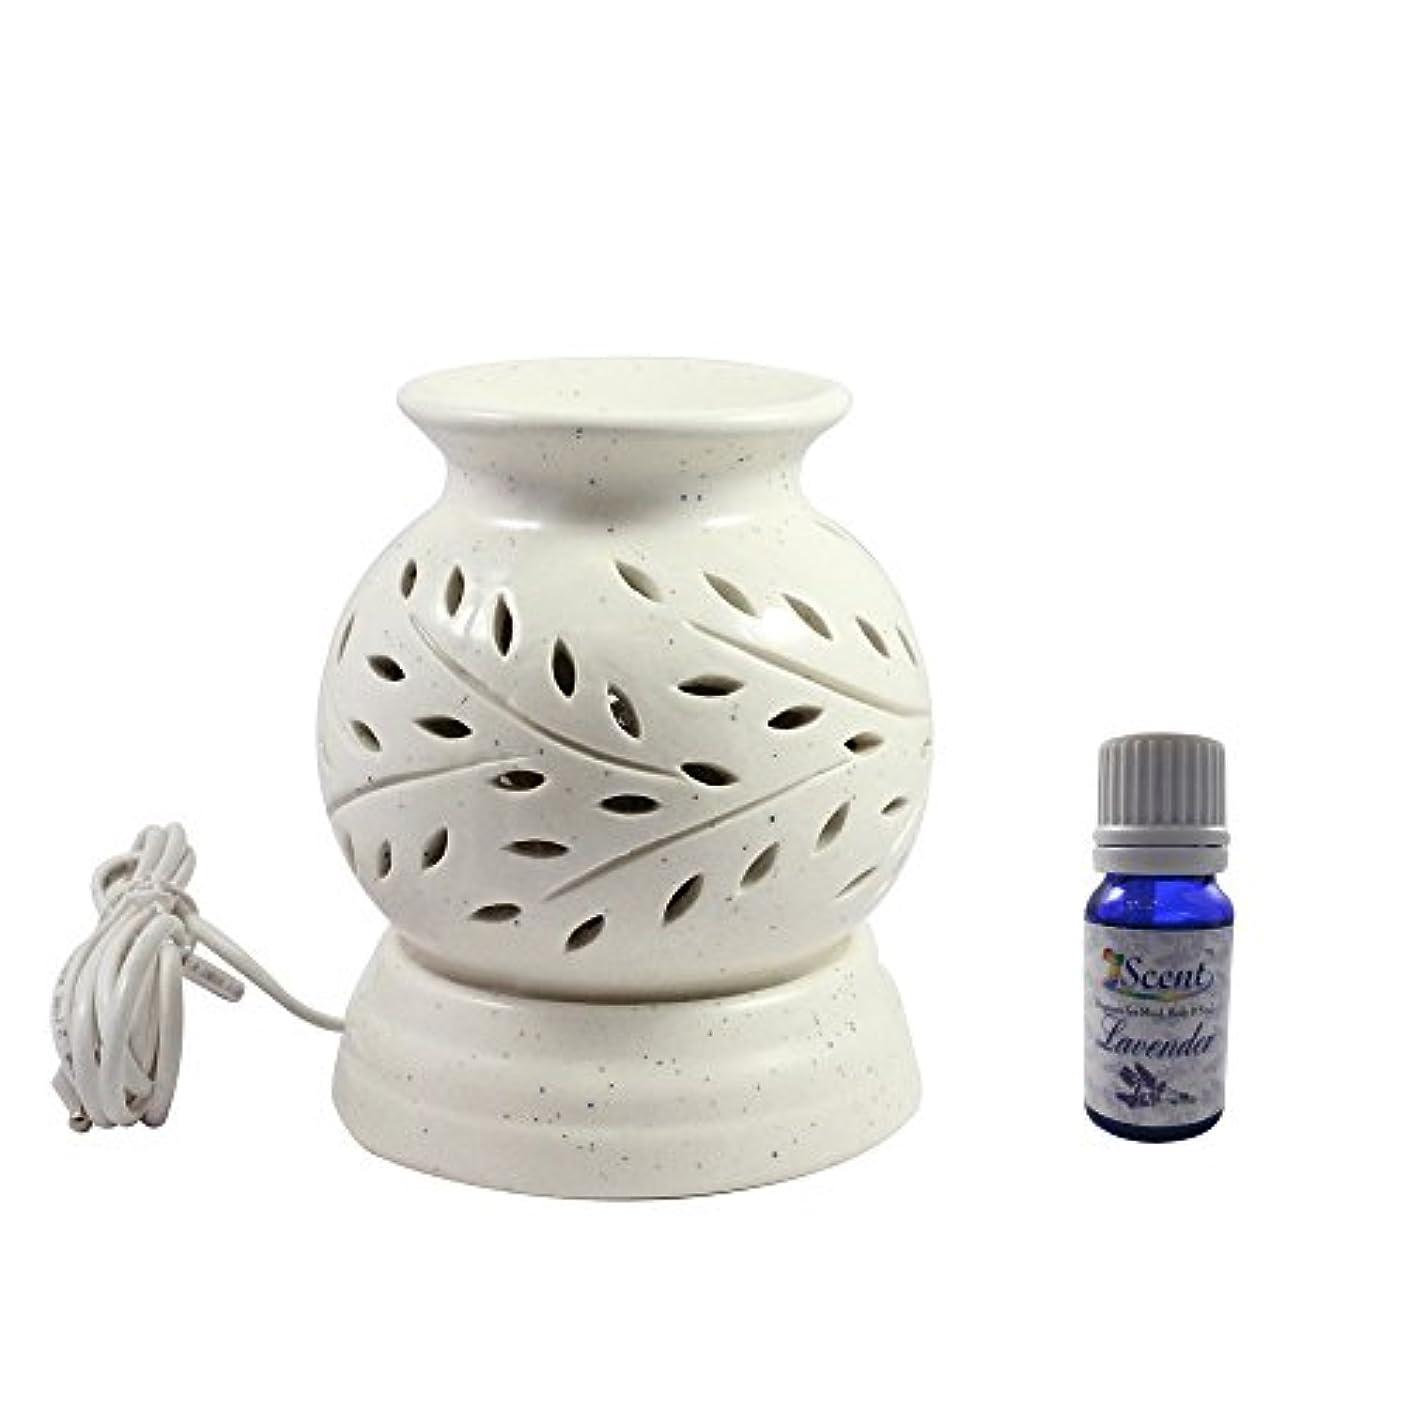 息を切らして拍手家庭装飾定期的に使用する汚染されていない手作りセラミックエスニック電気アロマディフューザーオイルバーナージャスミンフレグランスオイル|良質白い色の電気アロマテラピー香油暖かい数量1